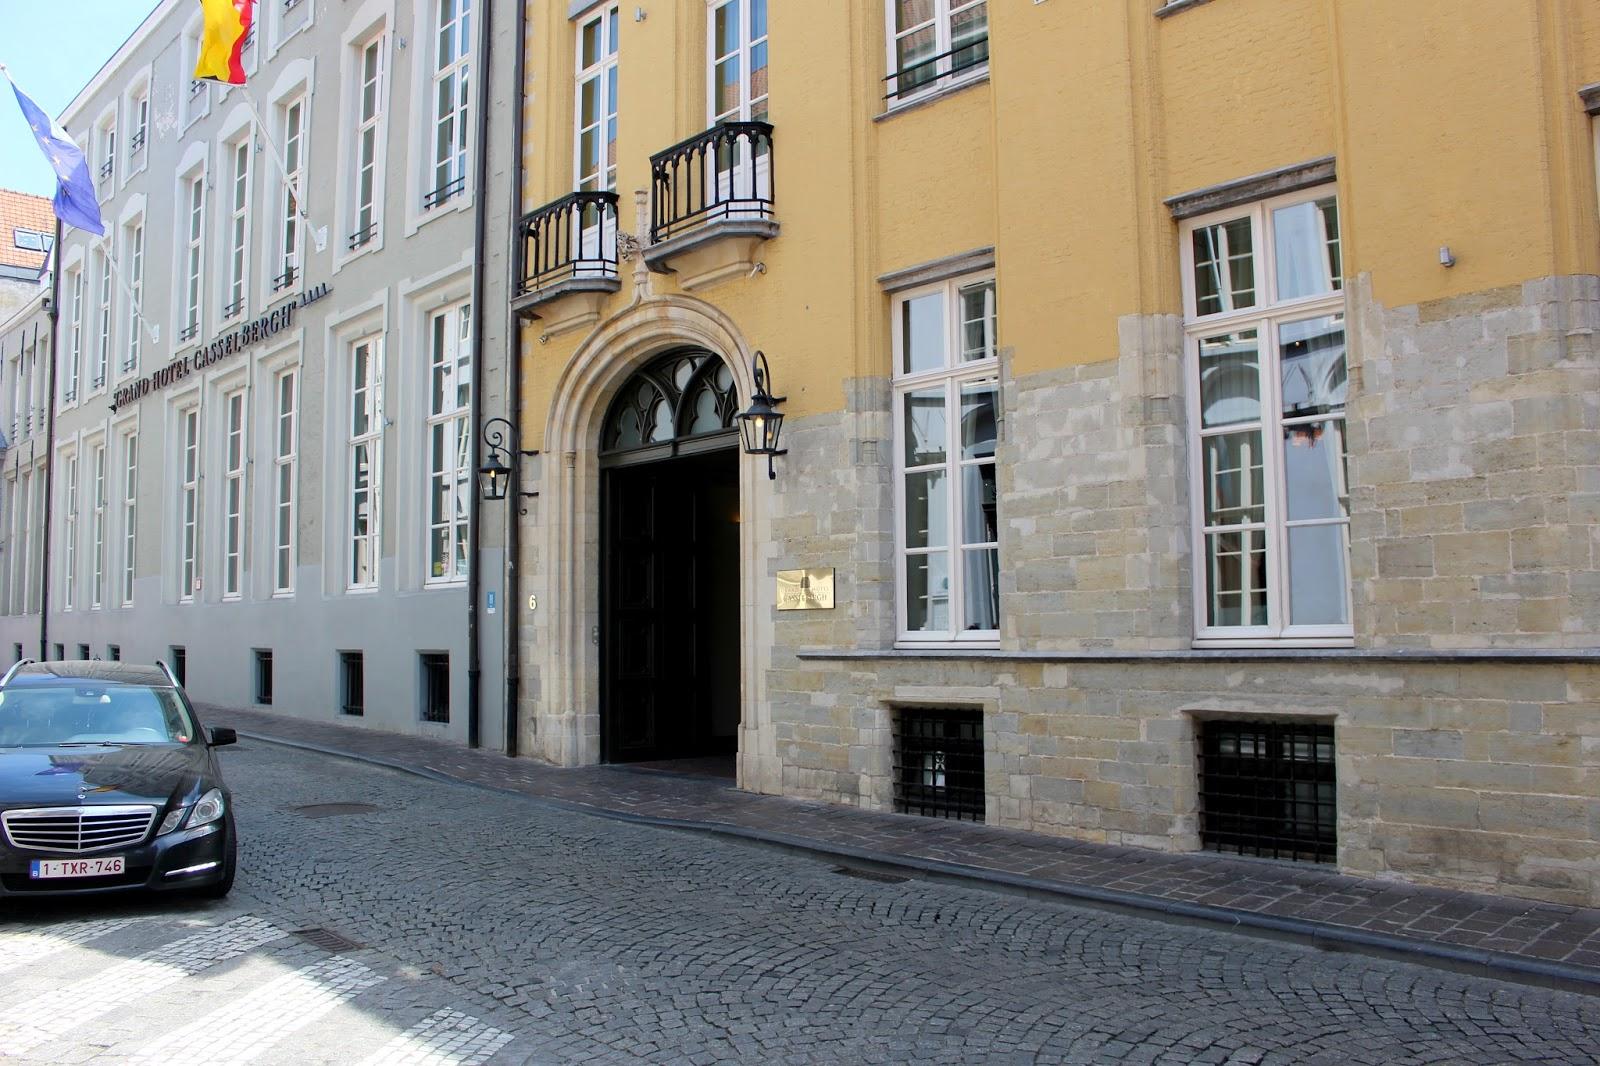 Grand Hotel Casselbergh Bruges Belgium